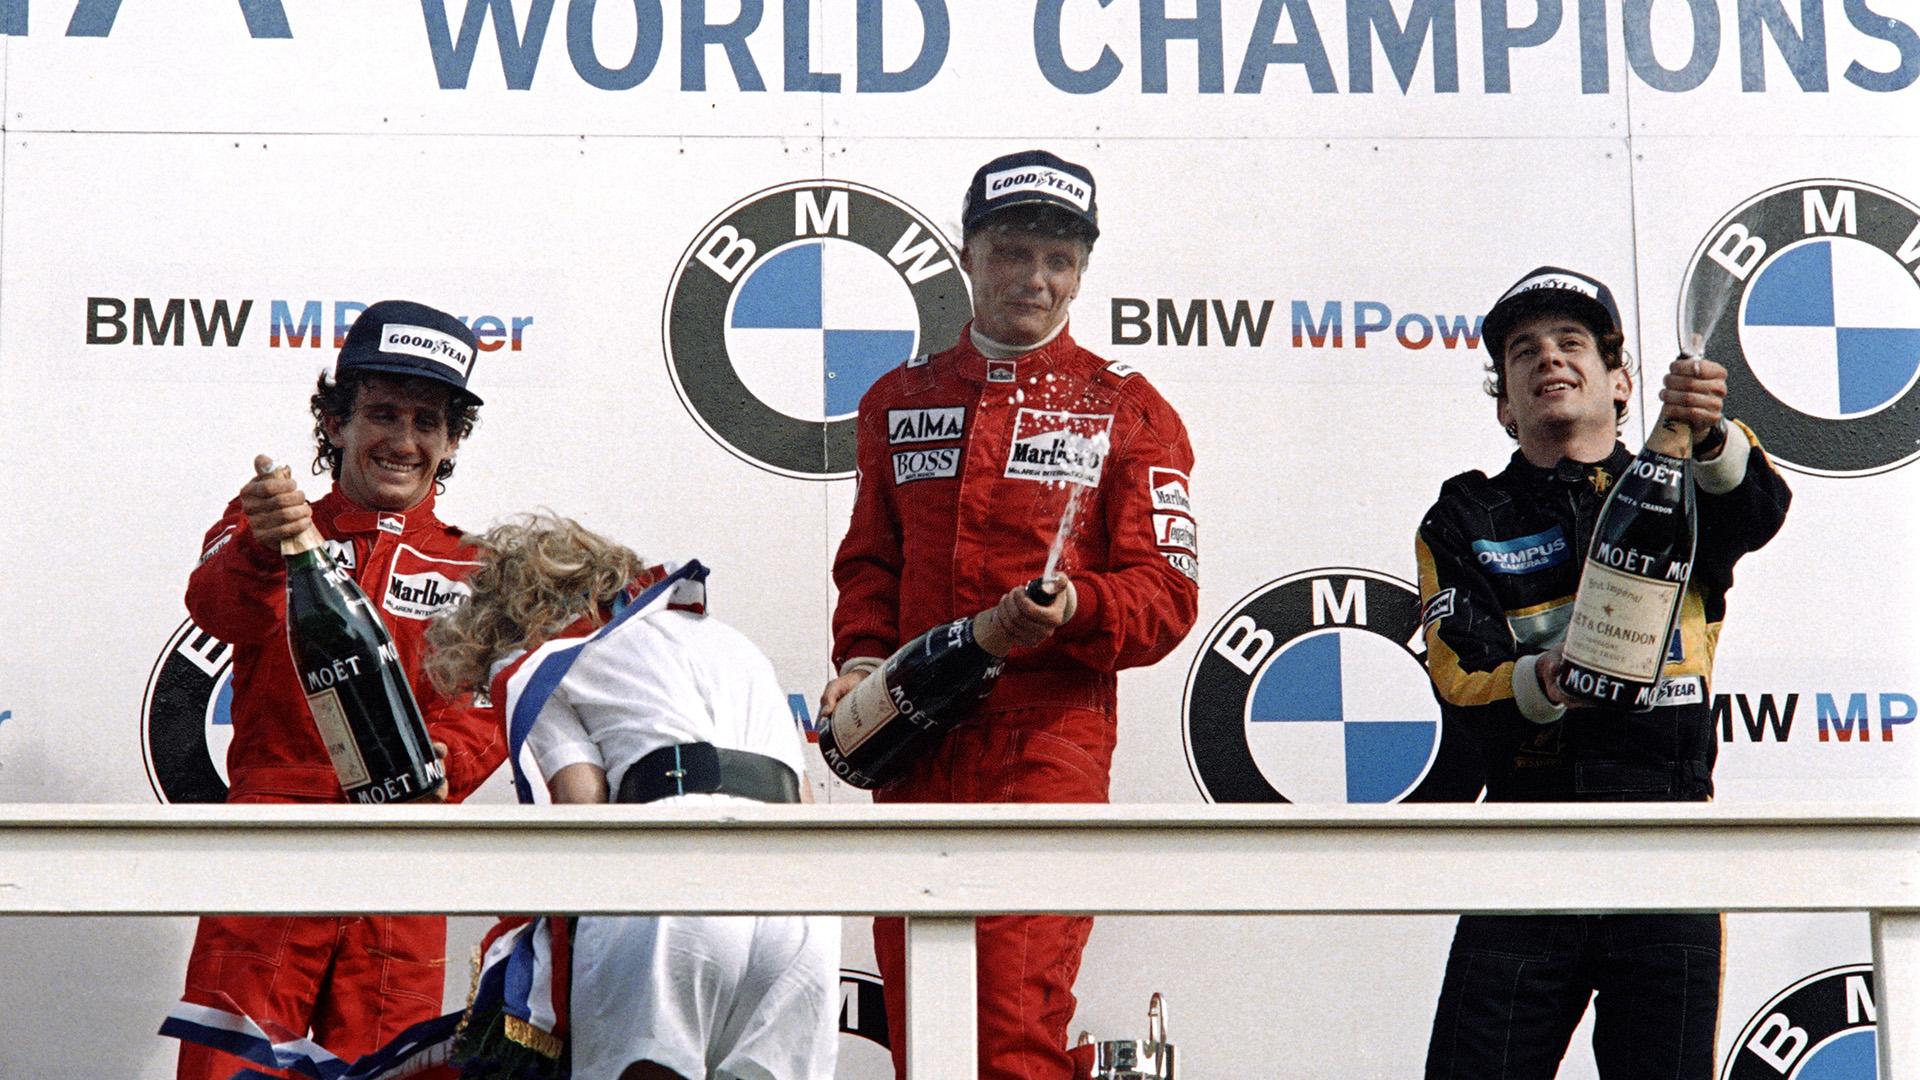 25 de agosto de 1985. Niki Lauda celebra el título mundial tras ganar el Gran Premio de Fórmula 1 de Holanda en Zandvoort, con su compañero de equipo de McLaren, el piloto francés Alain Prost y el brasileño Ayrton Senna (Lotus)